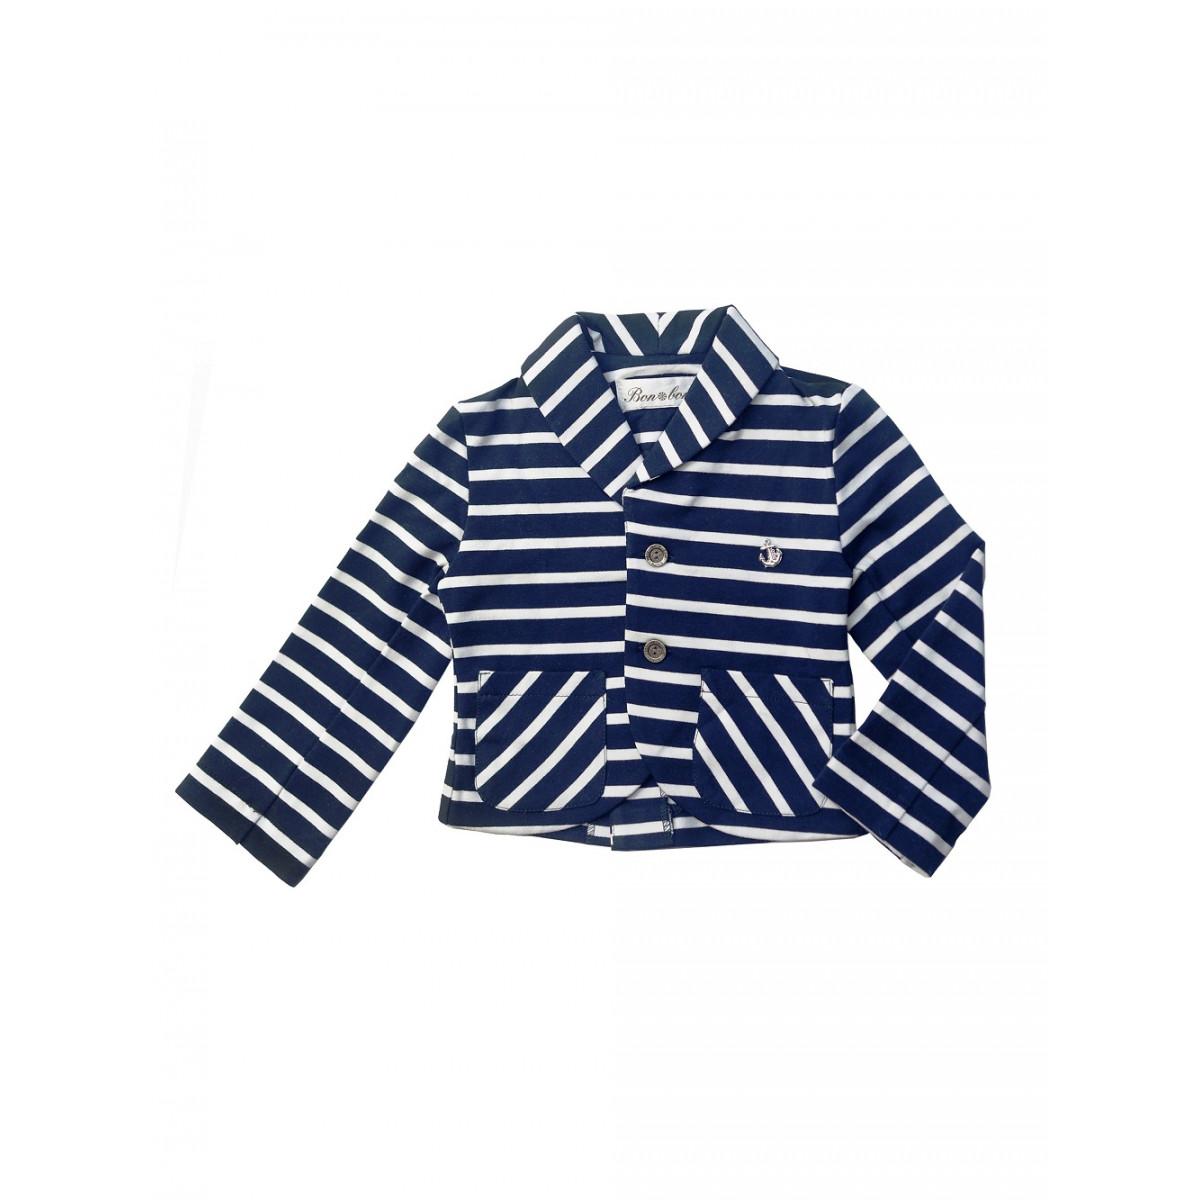 Пиджак для мальчика. Трикотажный в полоску.